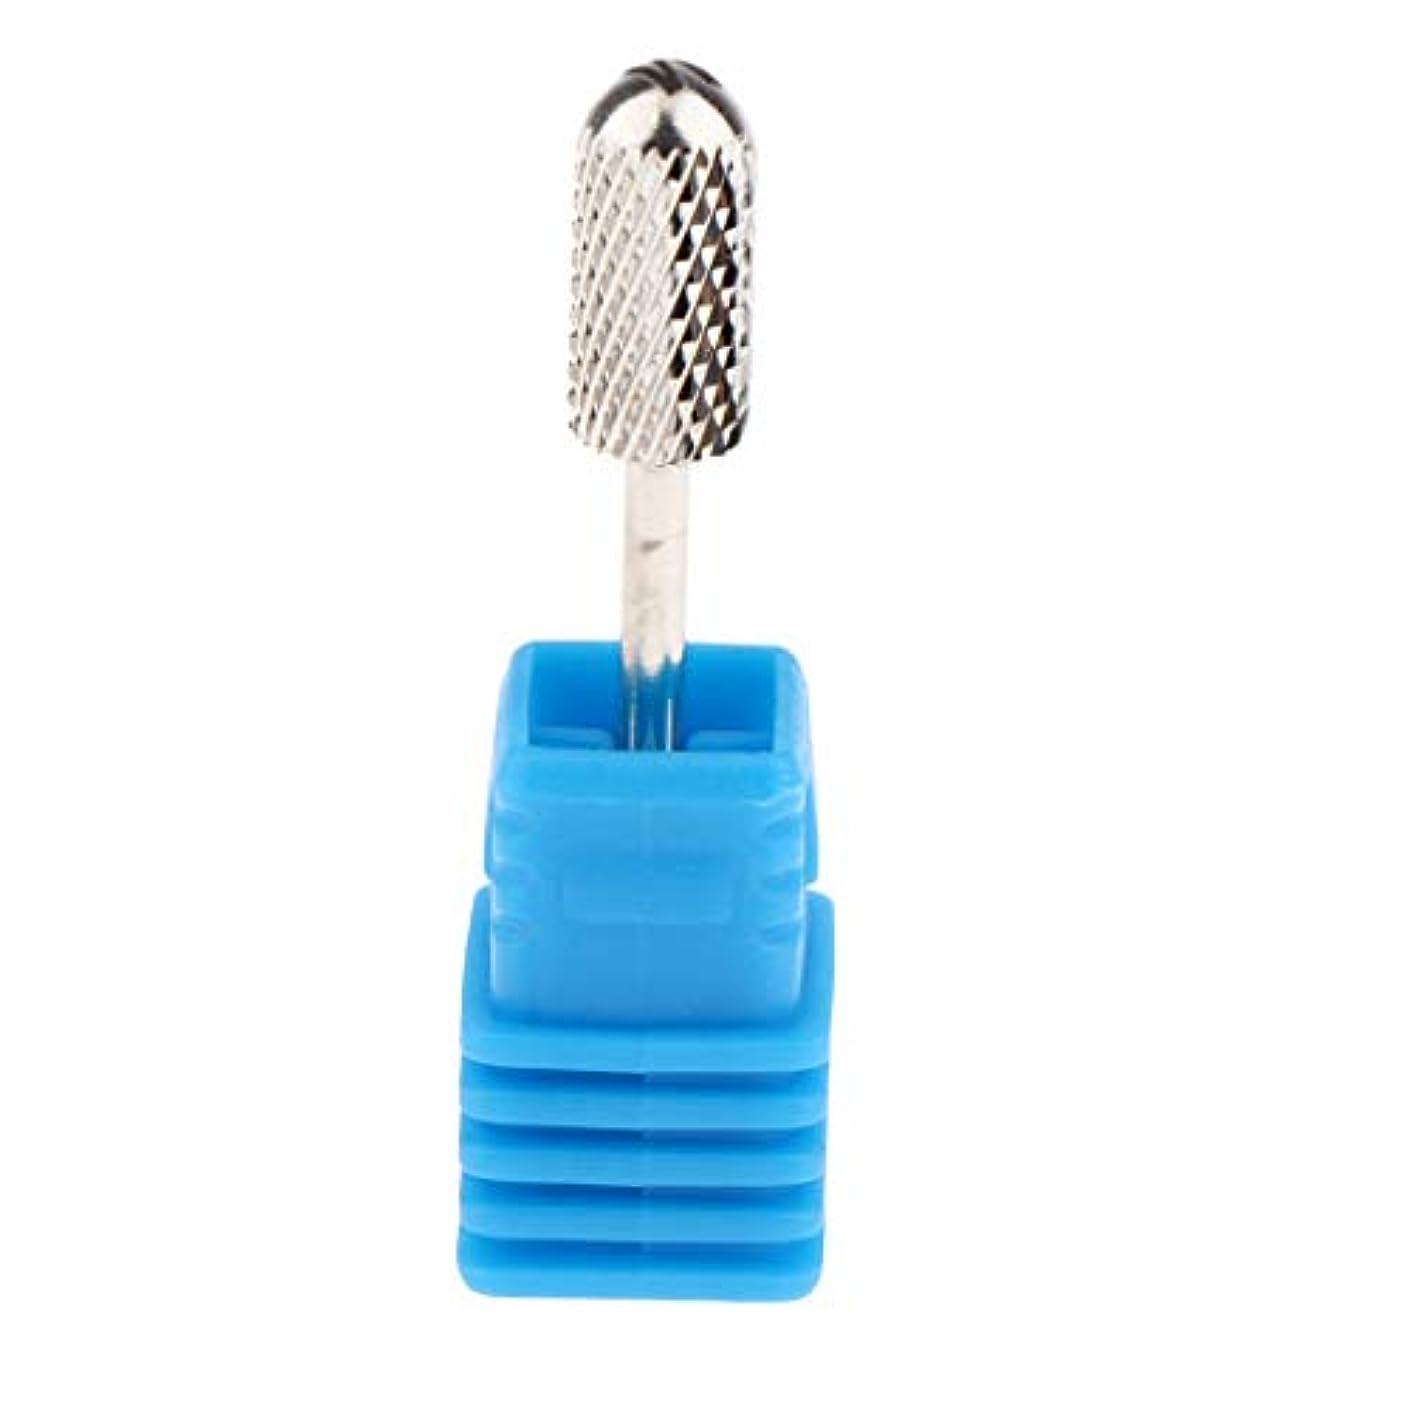 狭いスピン品種4サイズ選択 マニキュア ネイルケア用 電気マニキュアドリルビットヘッド 研削ヘッド - M